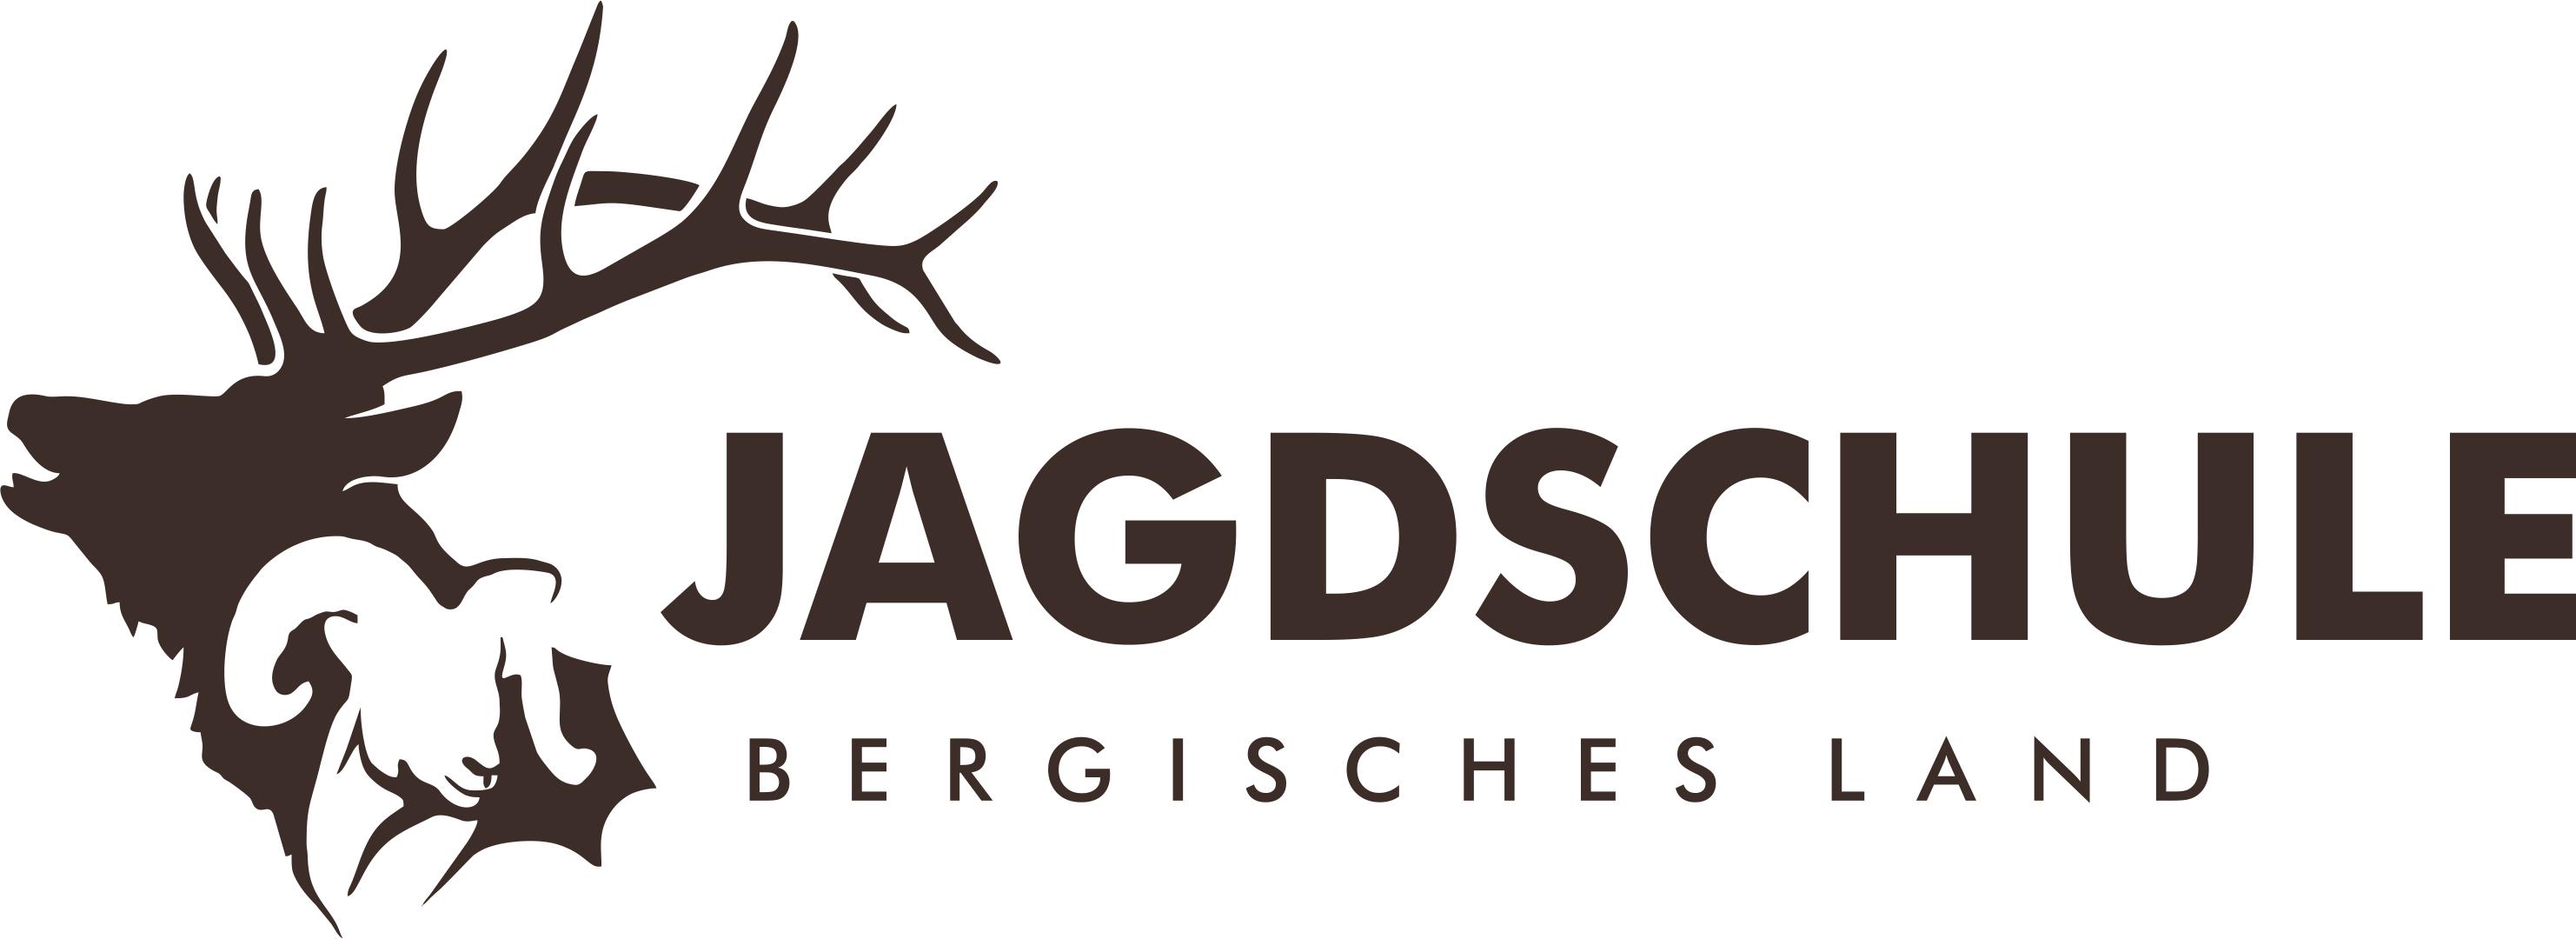 Jagdschule Bergisches Land